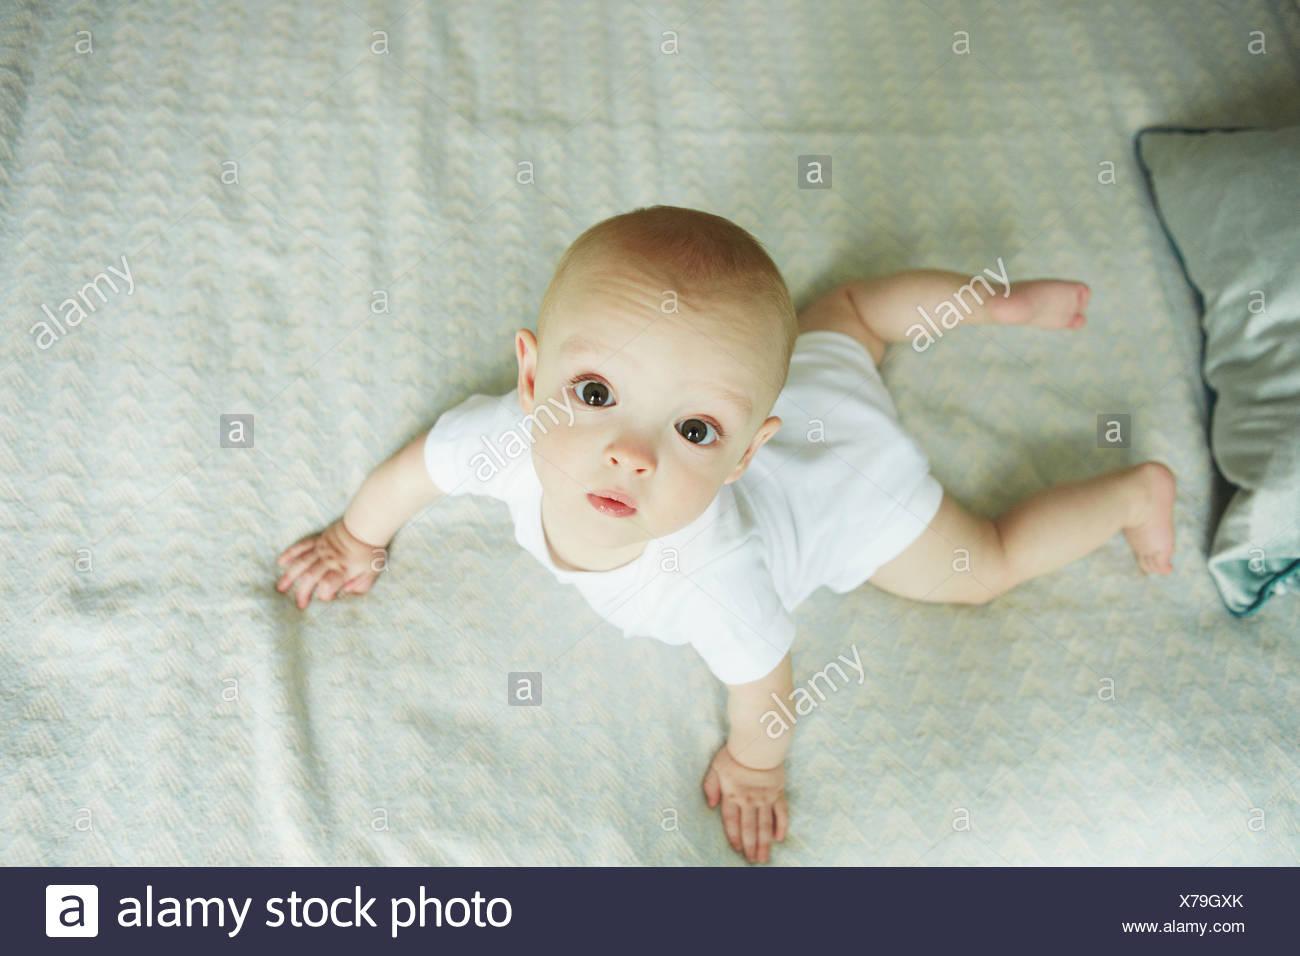 Baby boy strisciando sul letto Immagini Stock